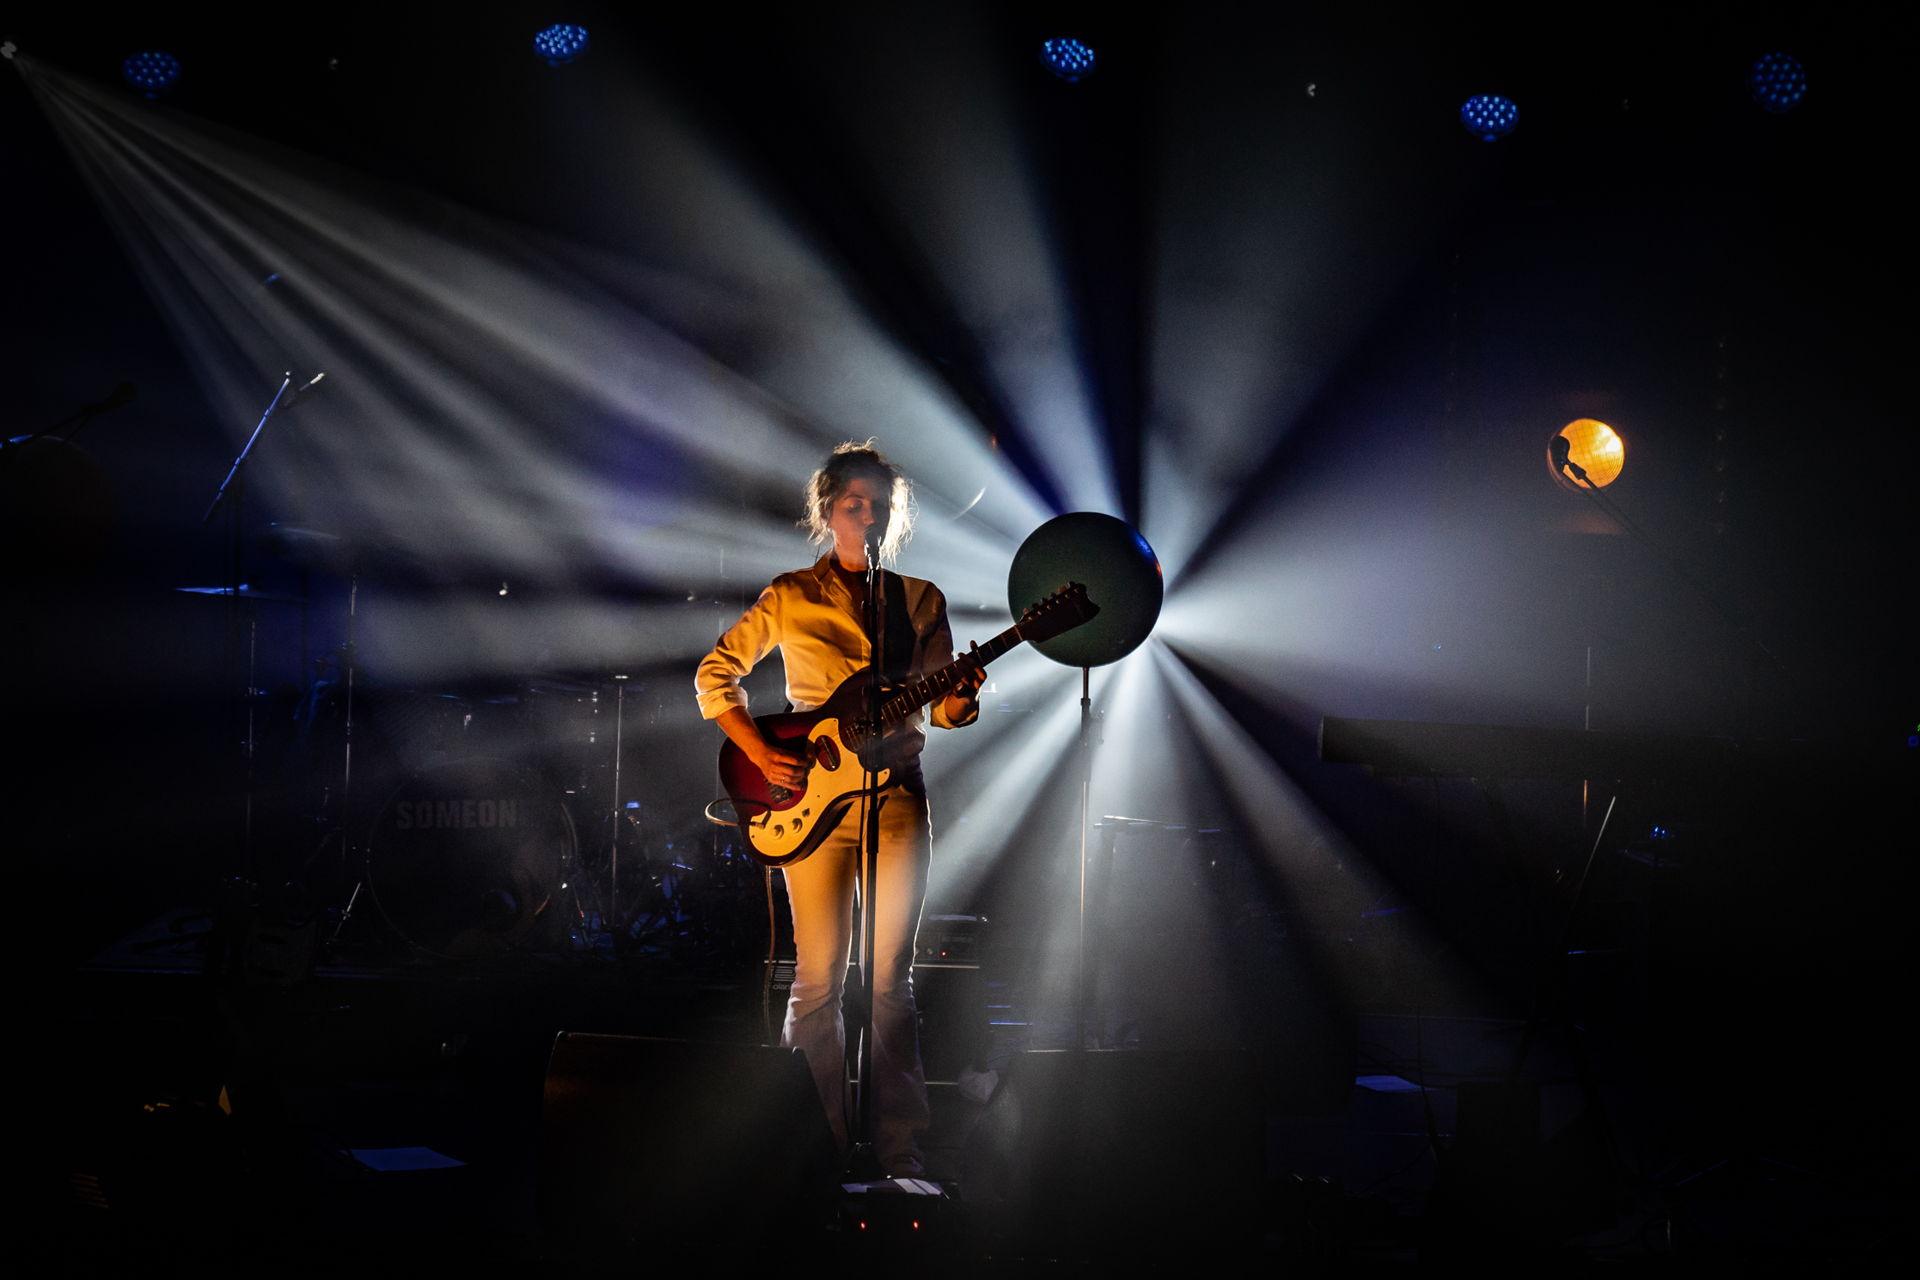 Photo Anya maakte deze foto's van Someone tijdens het Locked & Live concert op dinsdag 1 december 2020.